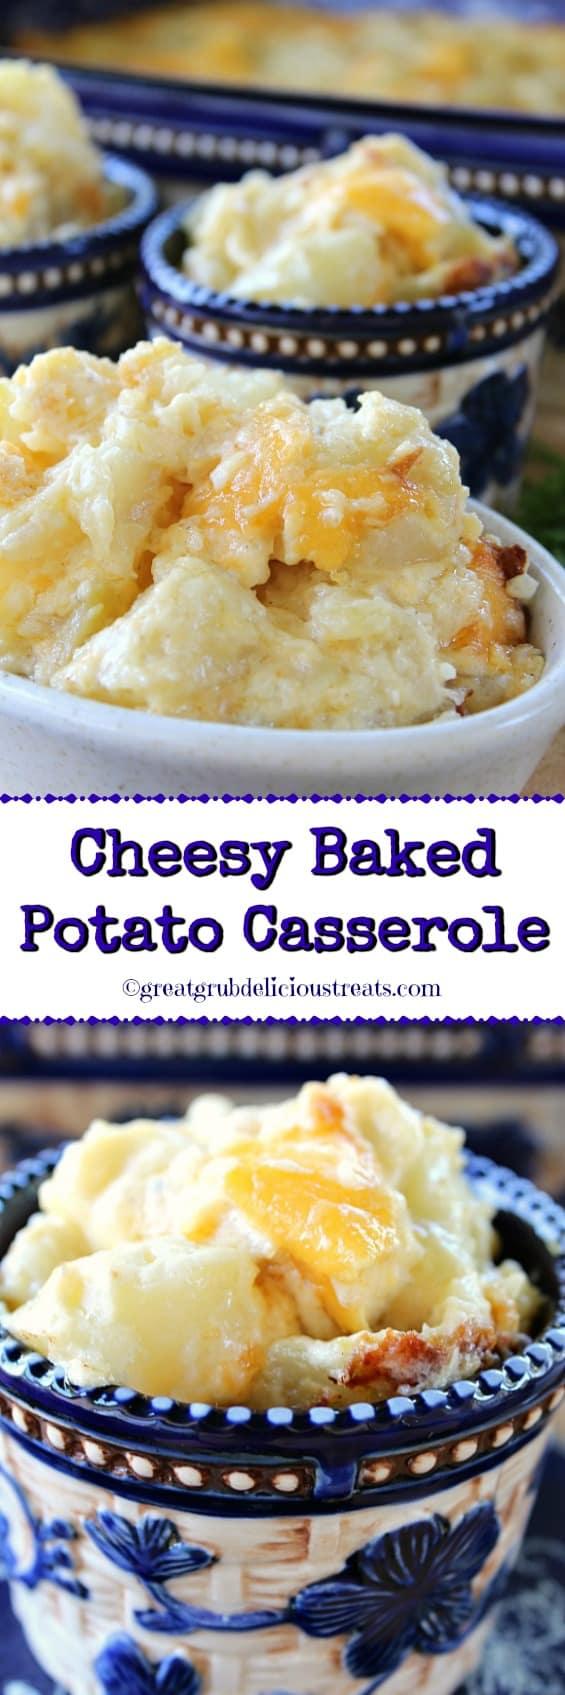 Cheesy Baked Potato Casserole